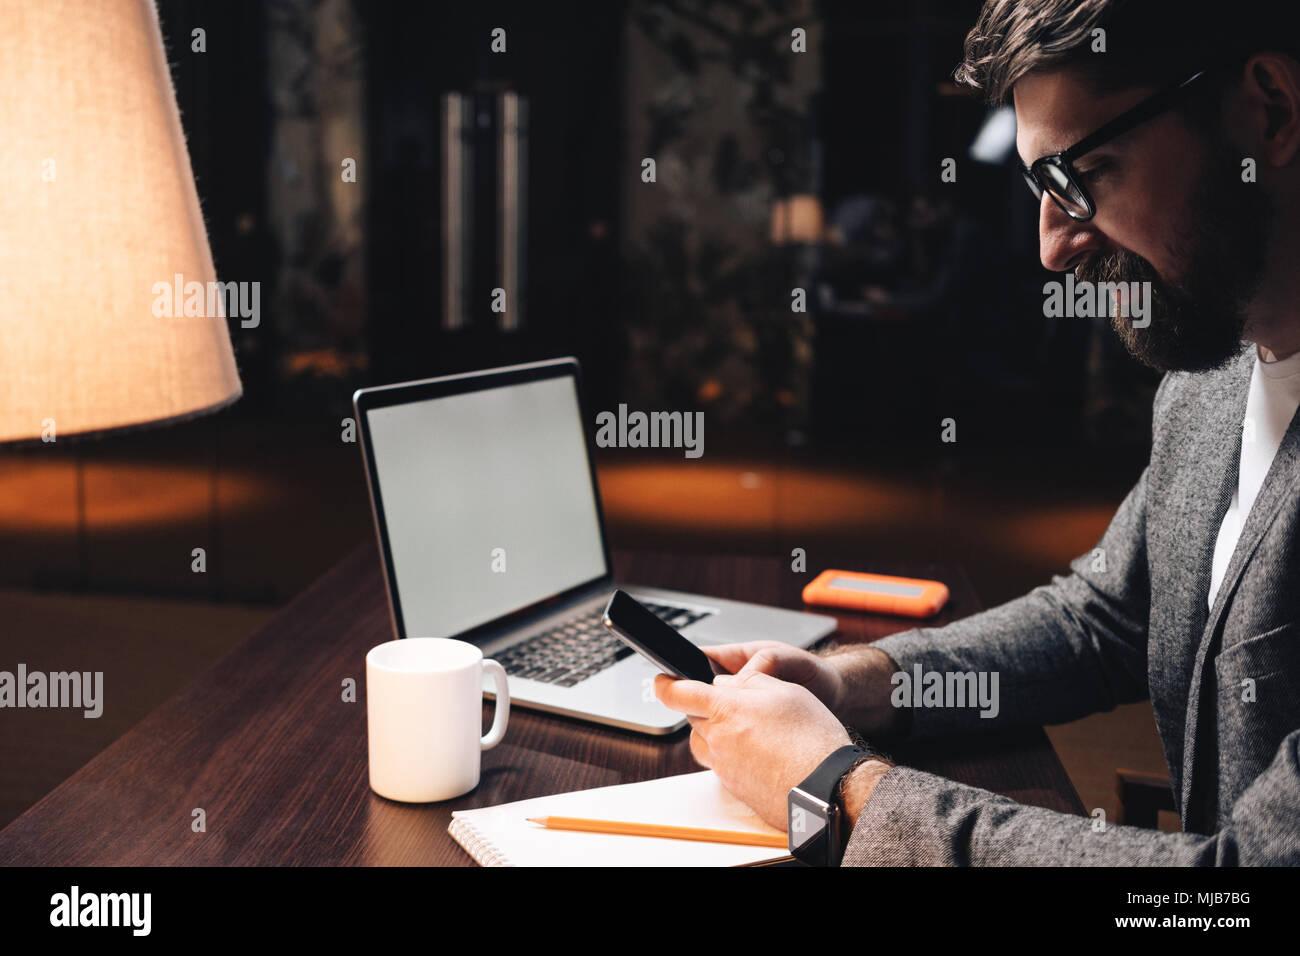 Empresario sonriente con laptop y smartwatch utilizando el smartphone en la noche loft coworking studio. Administrador barbudo está sentada frente al mesa de madera modernos en off Imagen De Stock